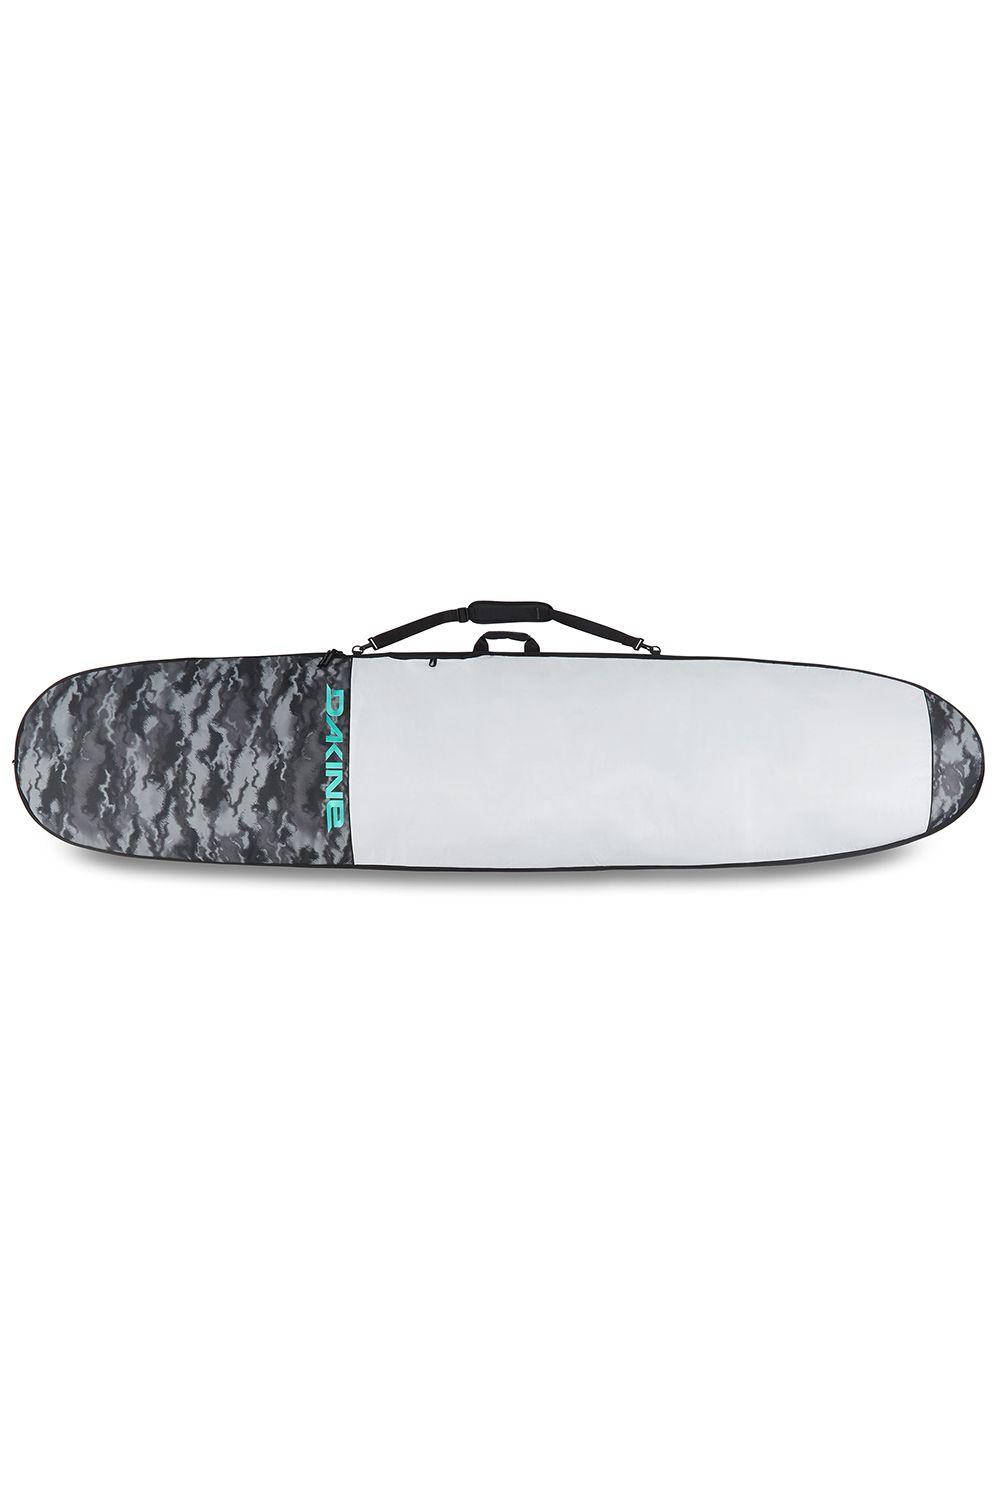 Dakine Boardbag 7'6 DAYLIGHT SURFBOARD BAG NOSERIDER Dark Ashcroft Camo